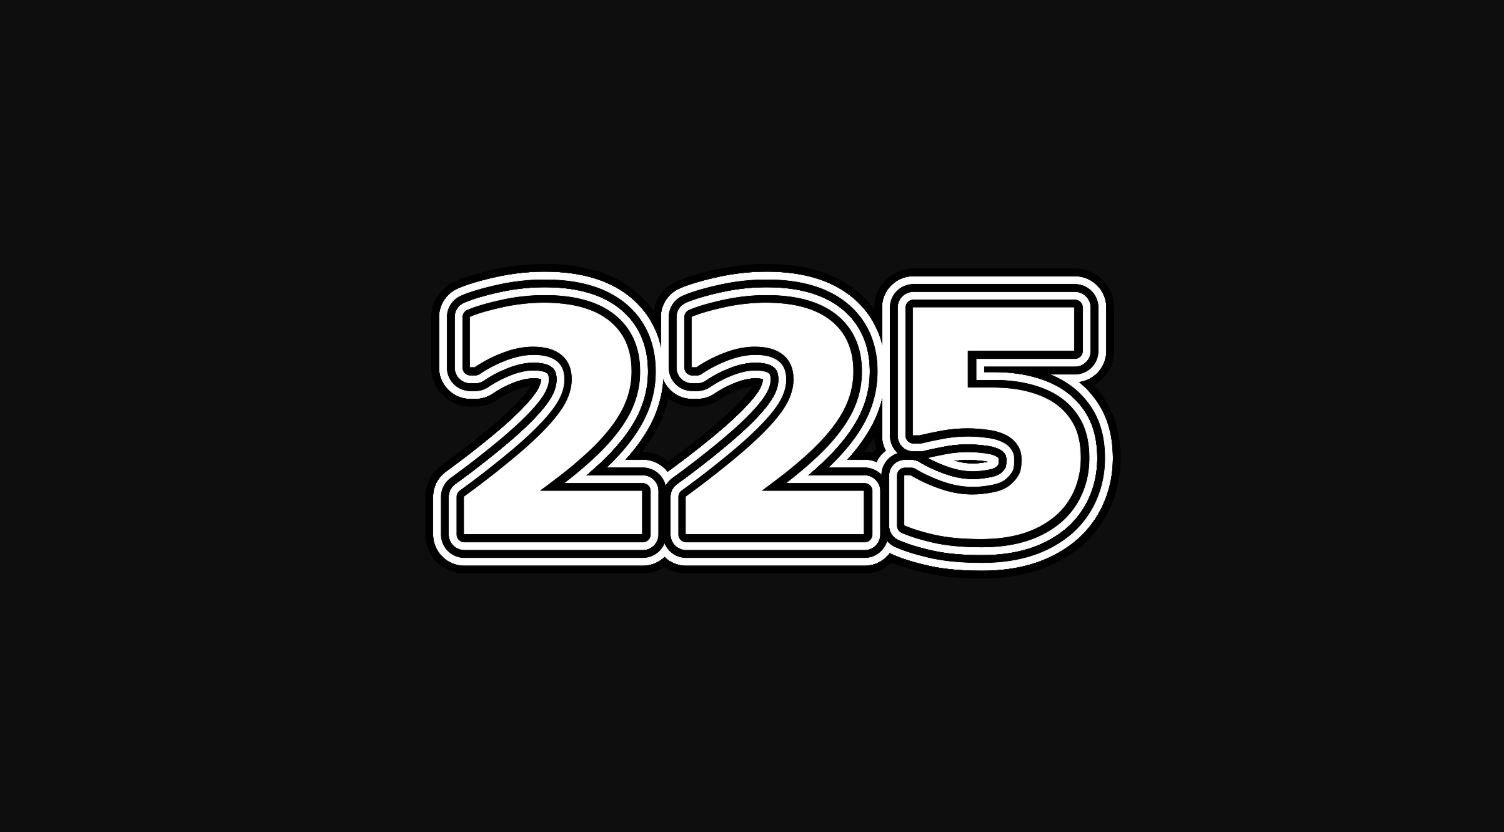 Il significato del numero 225